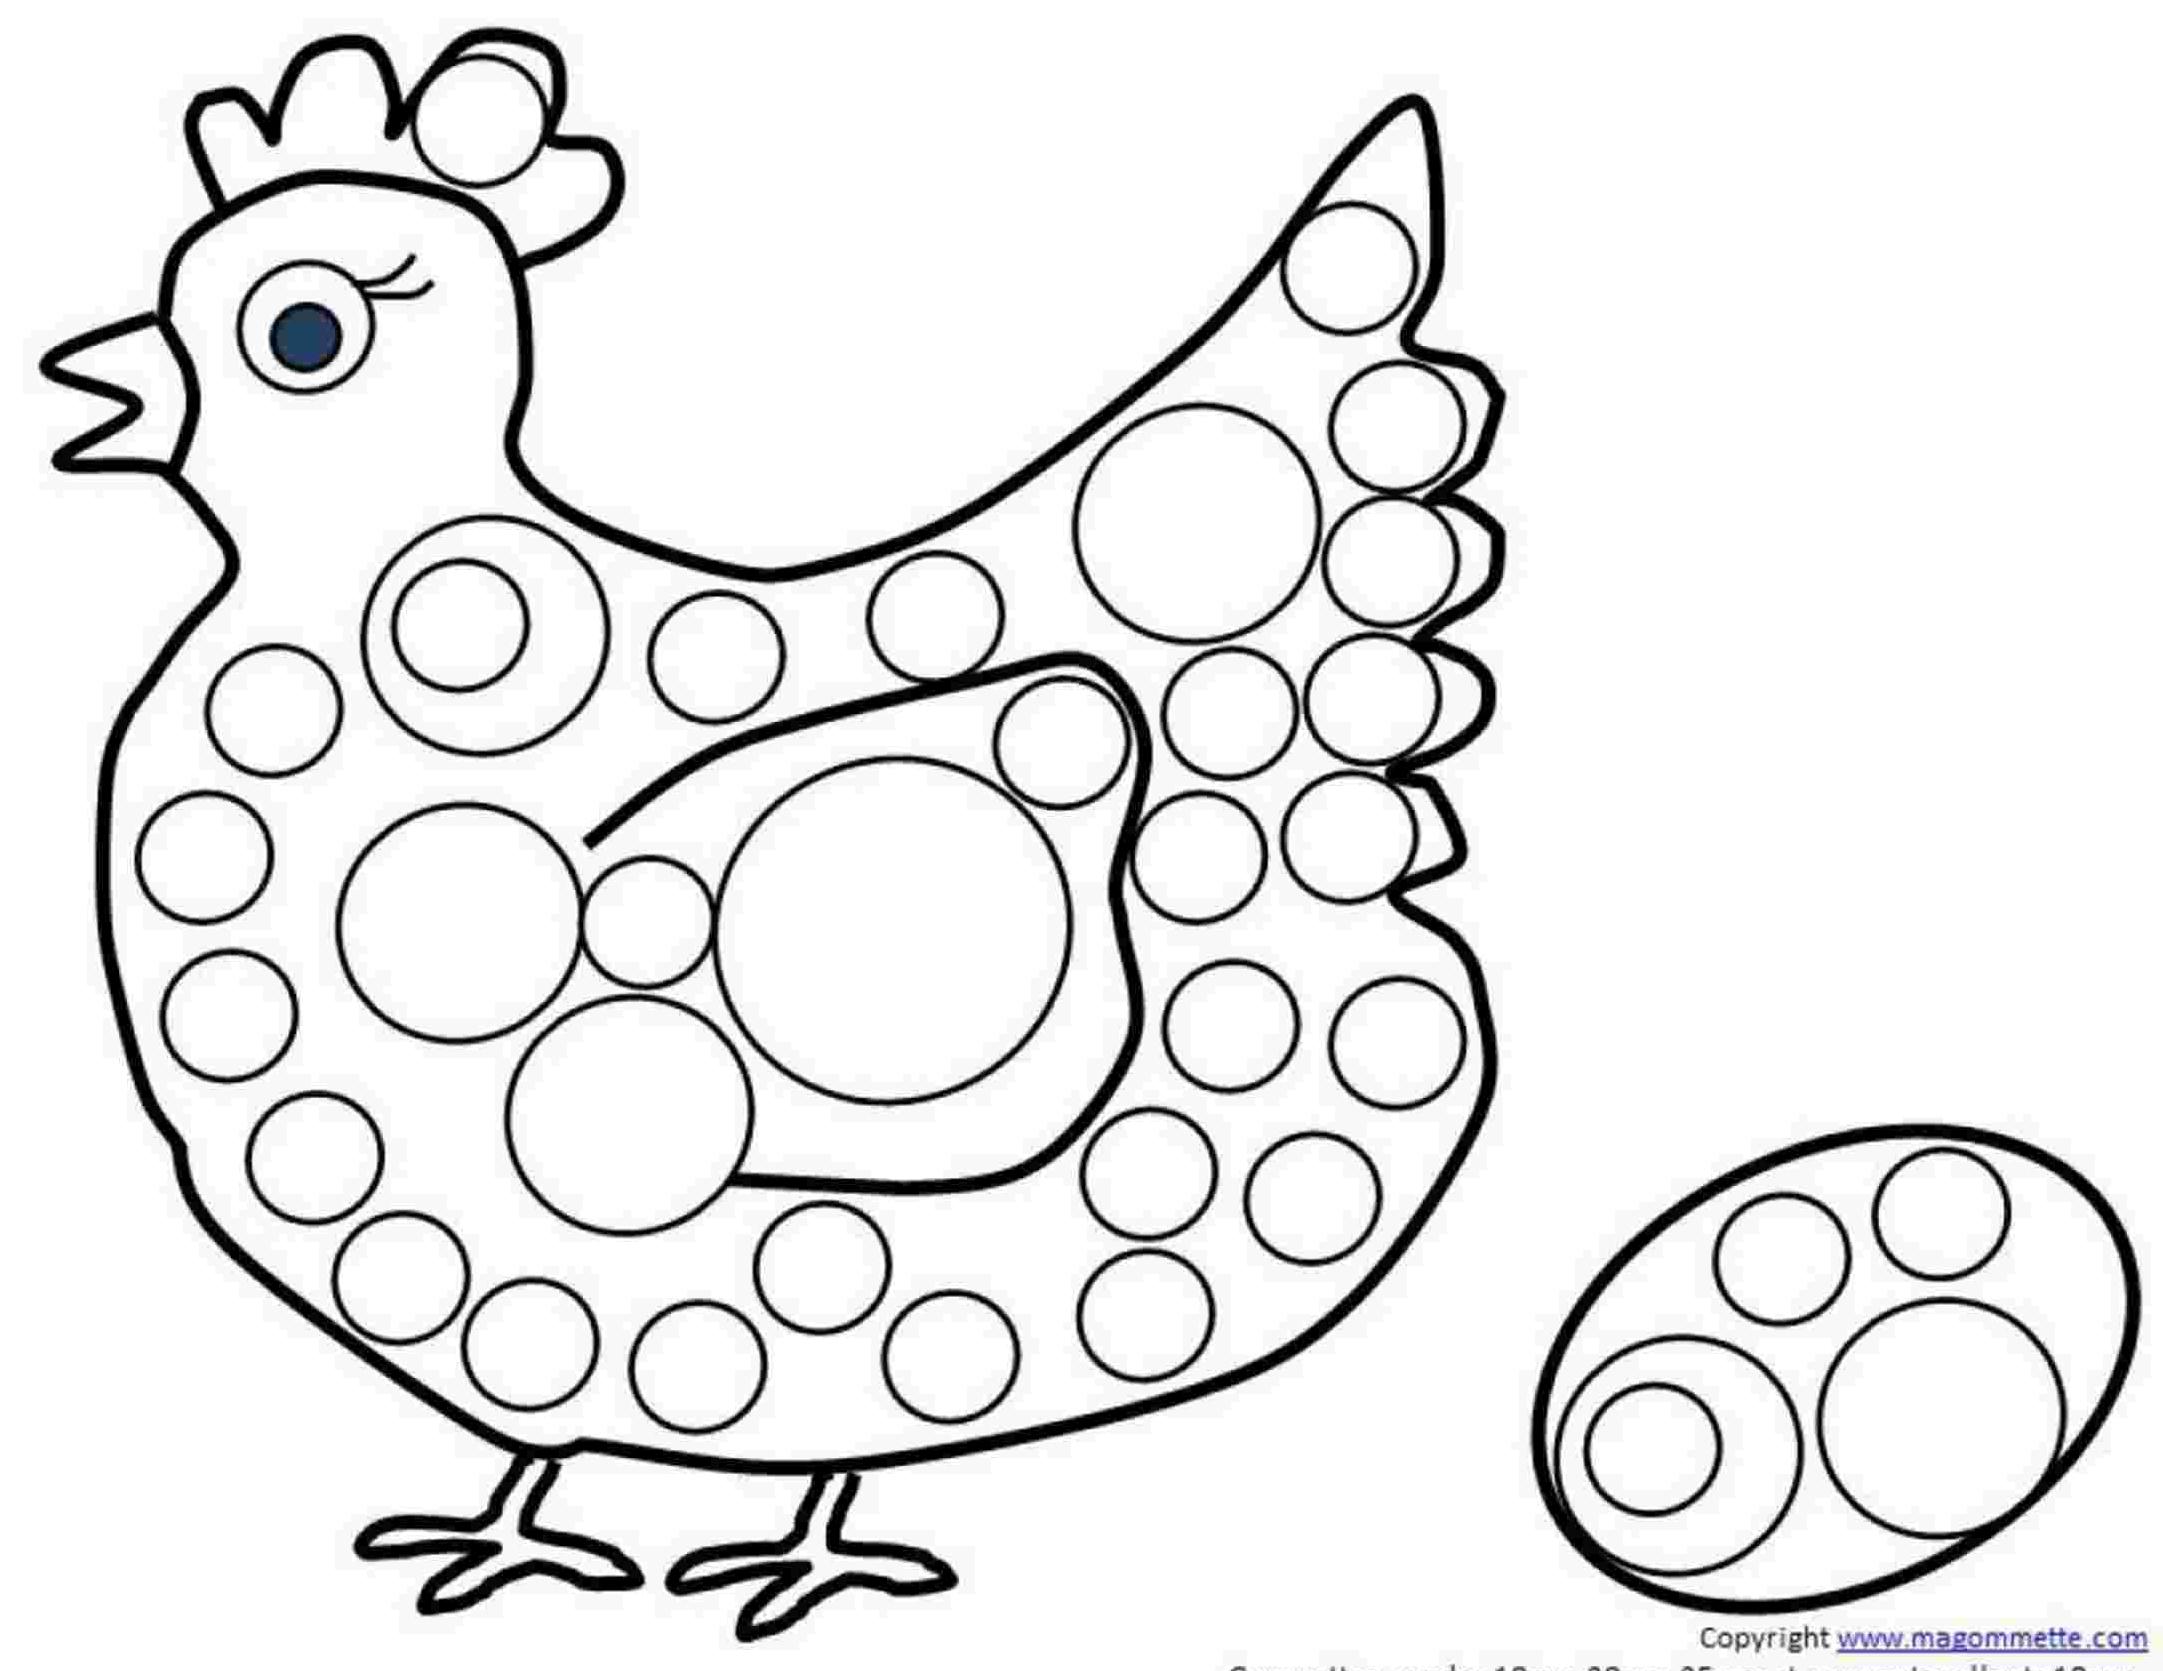 Mod le de dessin imprimer avec gommettes la poulette - Modele de paques a imprimer ...